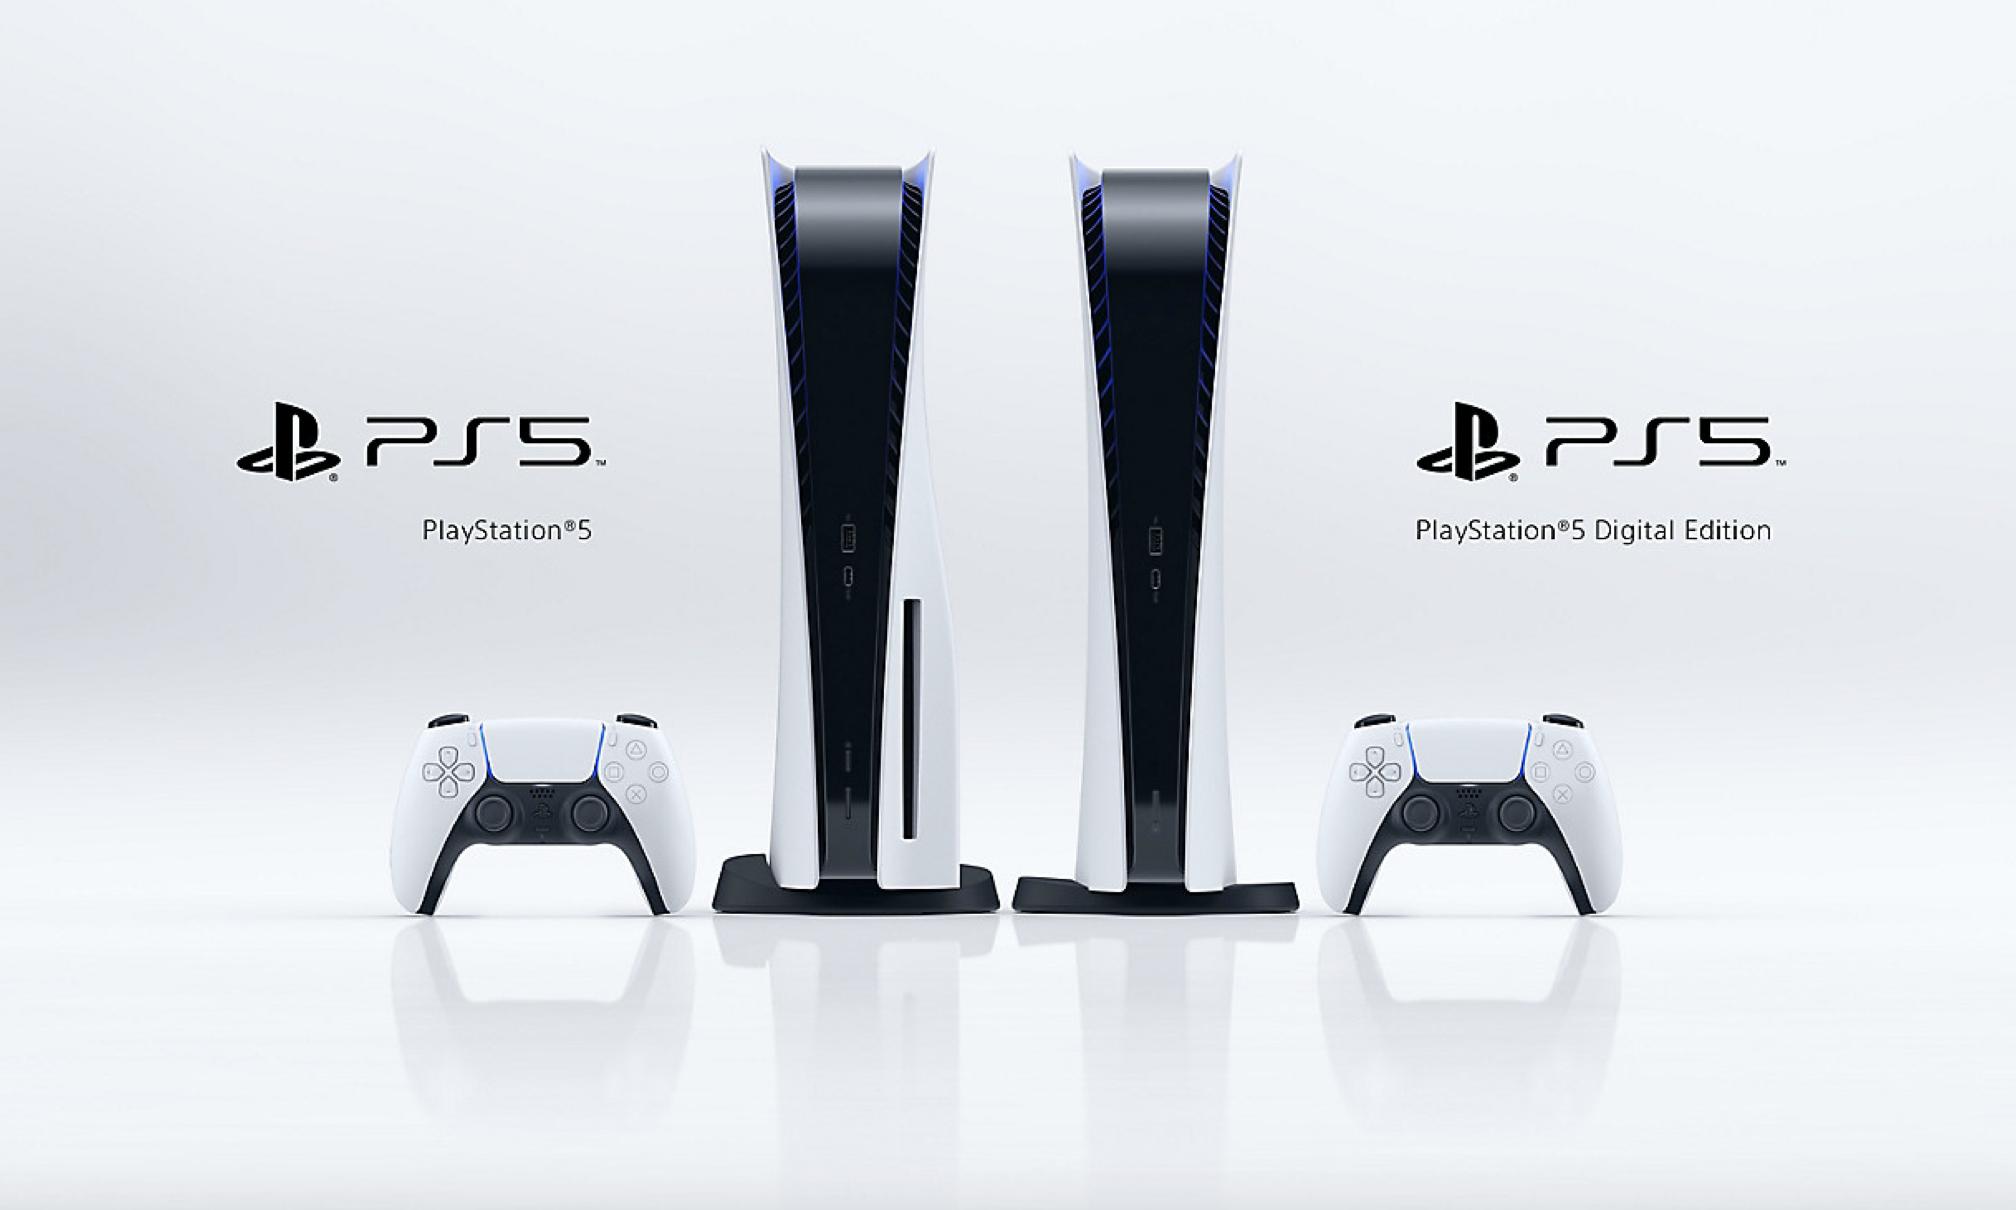 老玩家将优先购买,索尼开放 PS5 预购页面